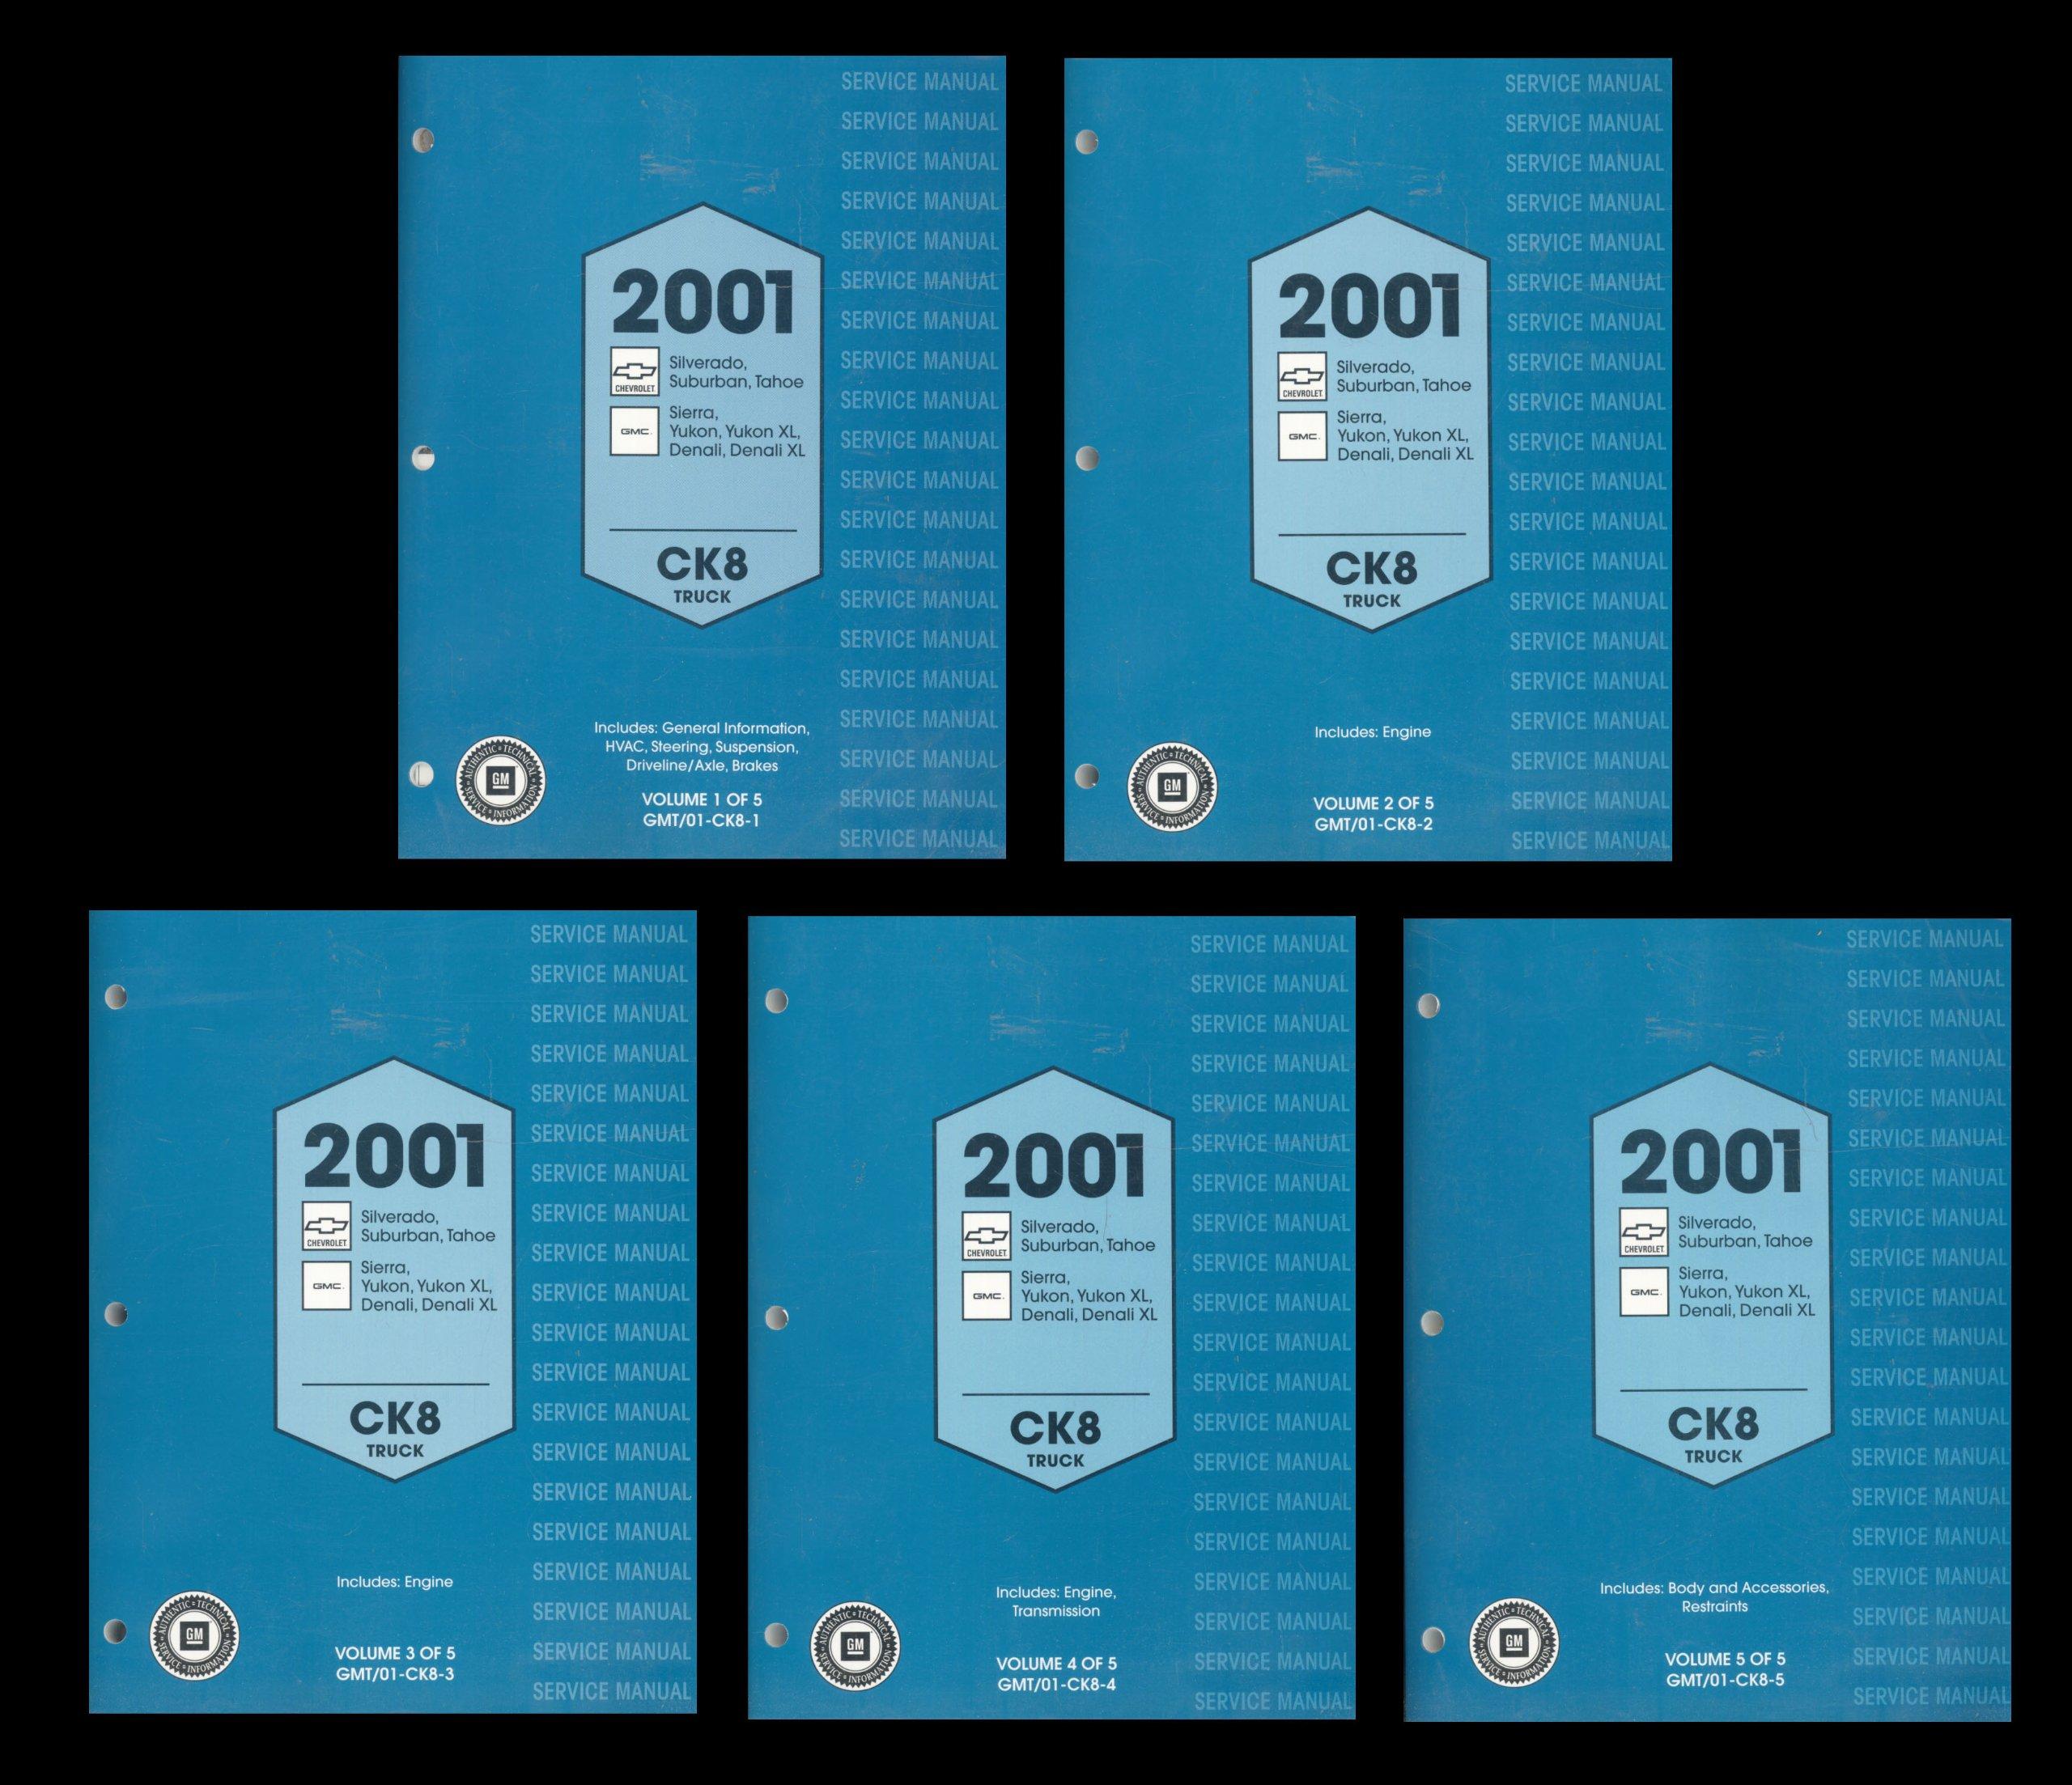 2001 silverado service manual ebook array gm 2001 service manual ck8 truck chevrolet silverado tahoe rh amazon com fandeluxe Choice Image